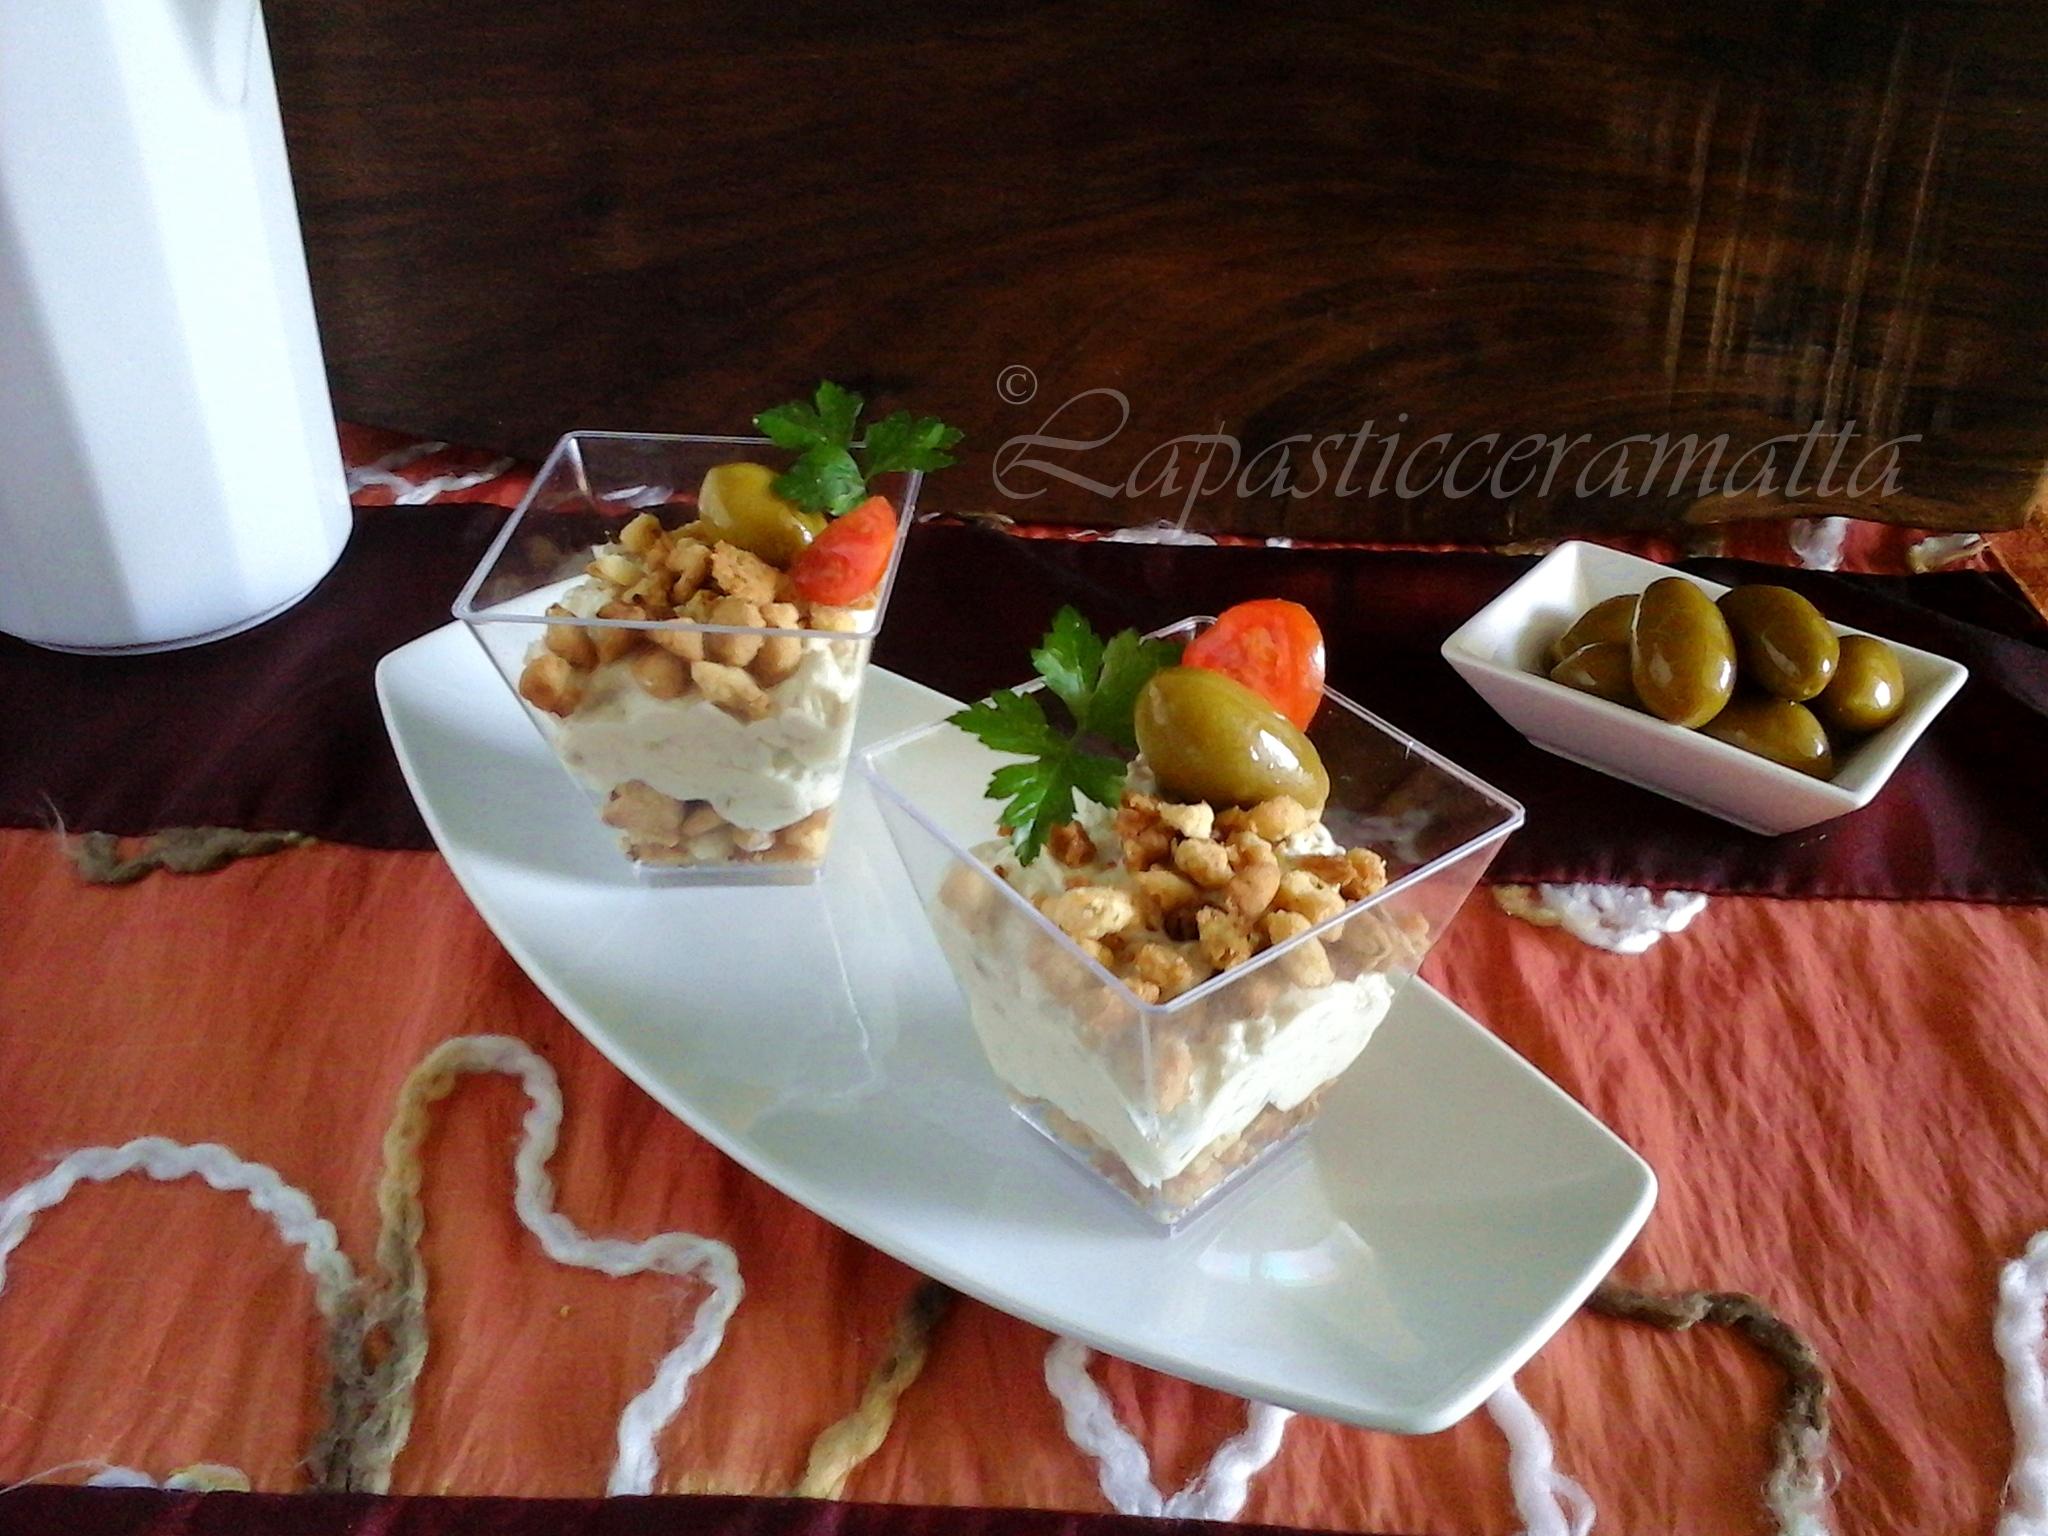 Bicchierini salati mousse di olive e streusel PER LA RICETTA CLICCA SOTTO ↓ http://blog.giallozafferano.it/lapasticceramatta/bicchierini-salati-mousse-olive-streusel/